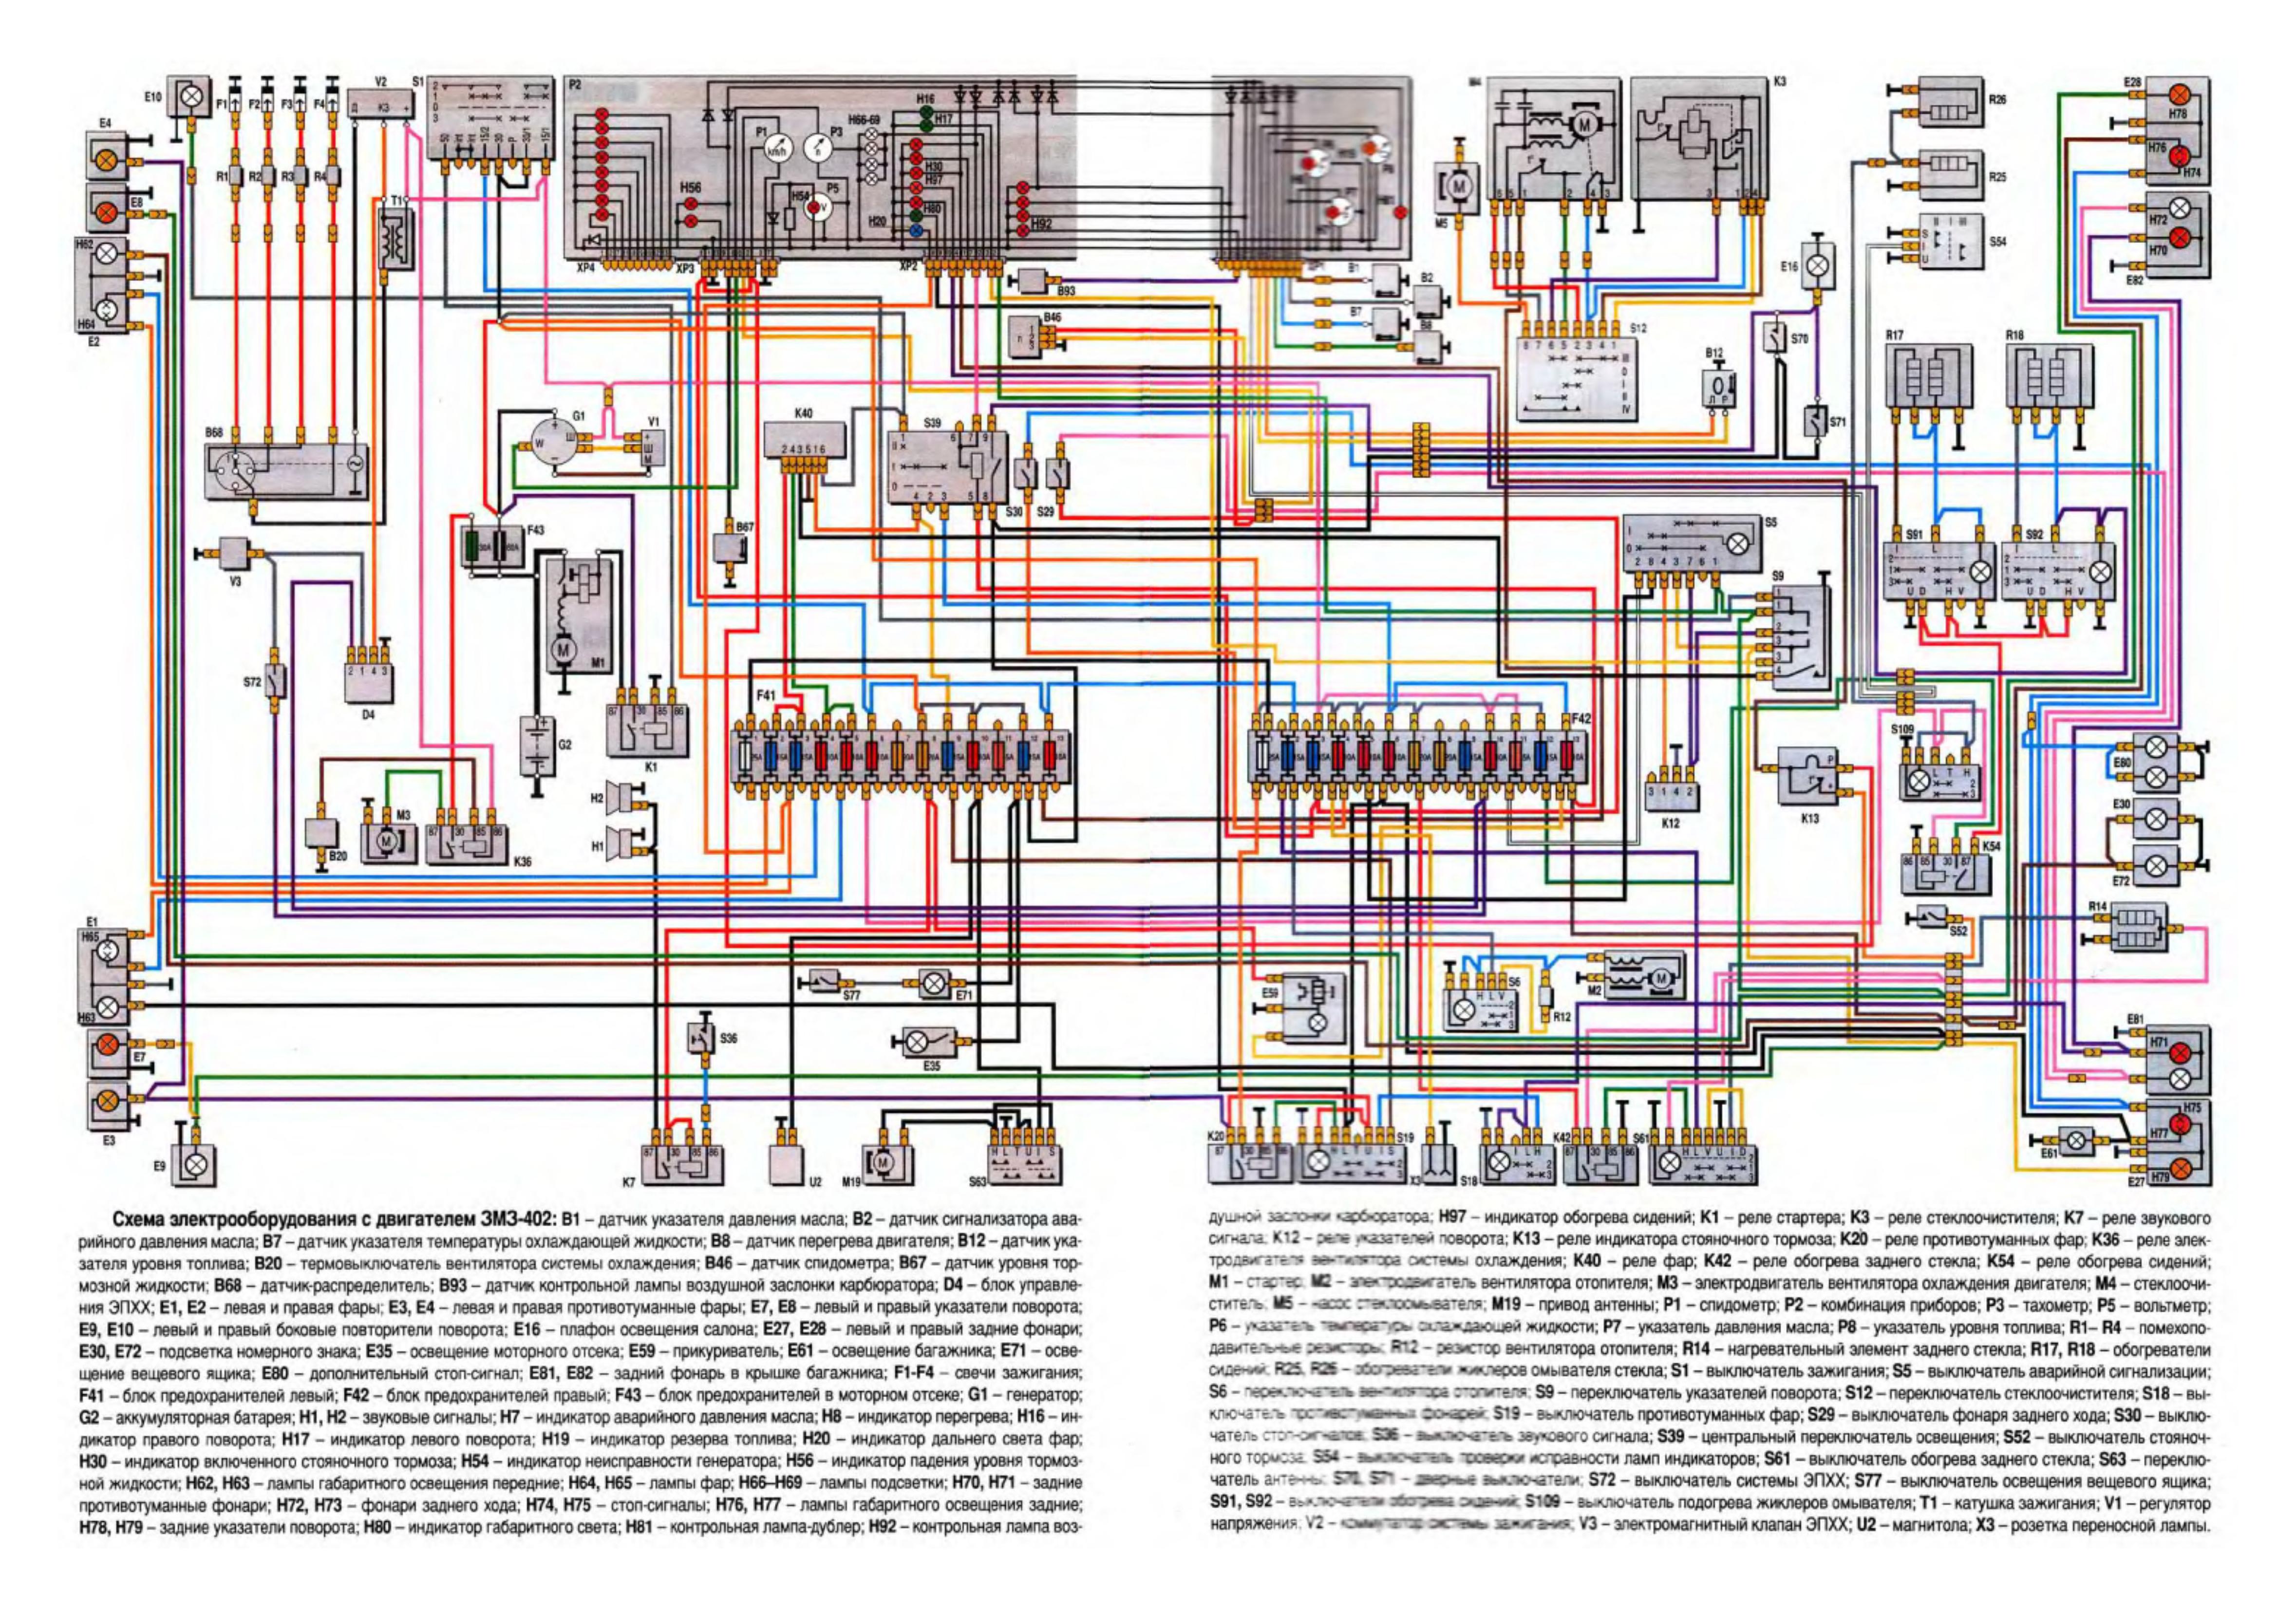 Газ 2410 схема электрооборудования фото 539